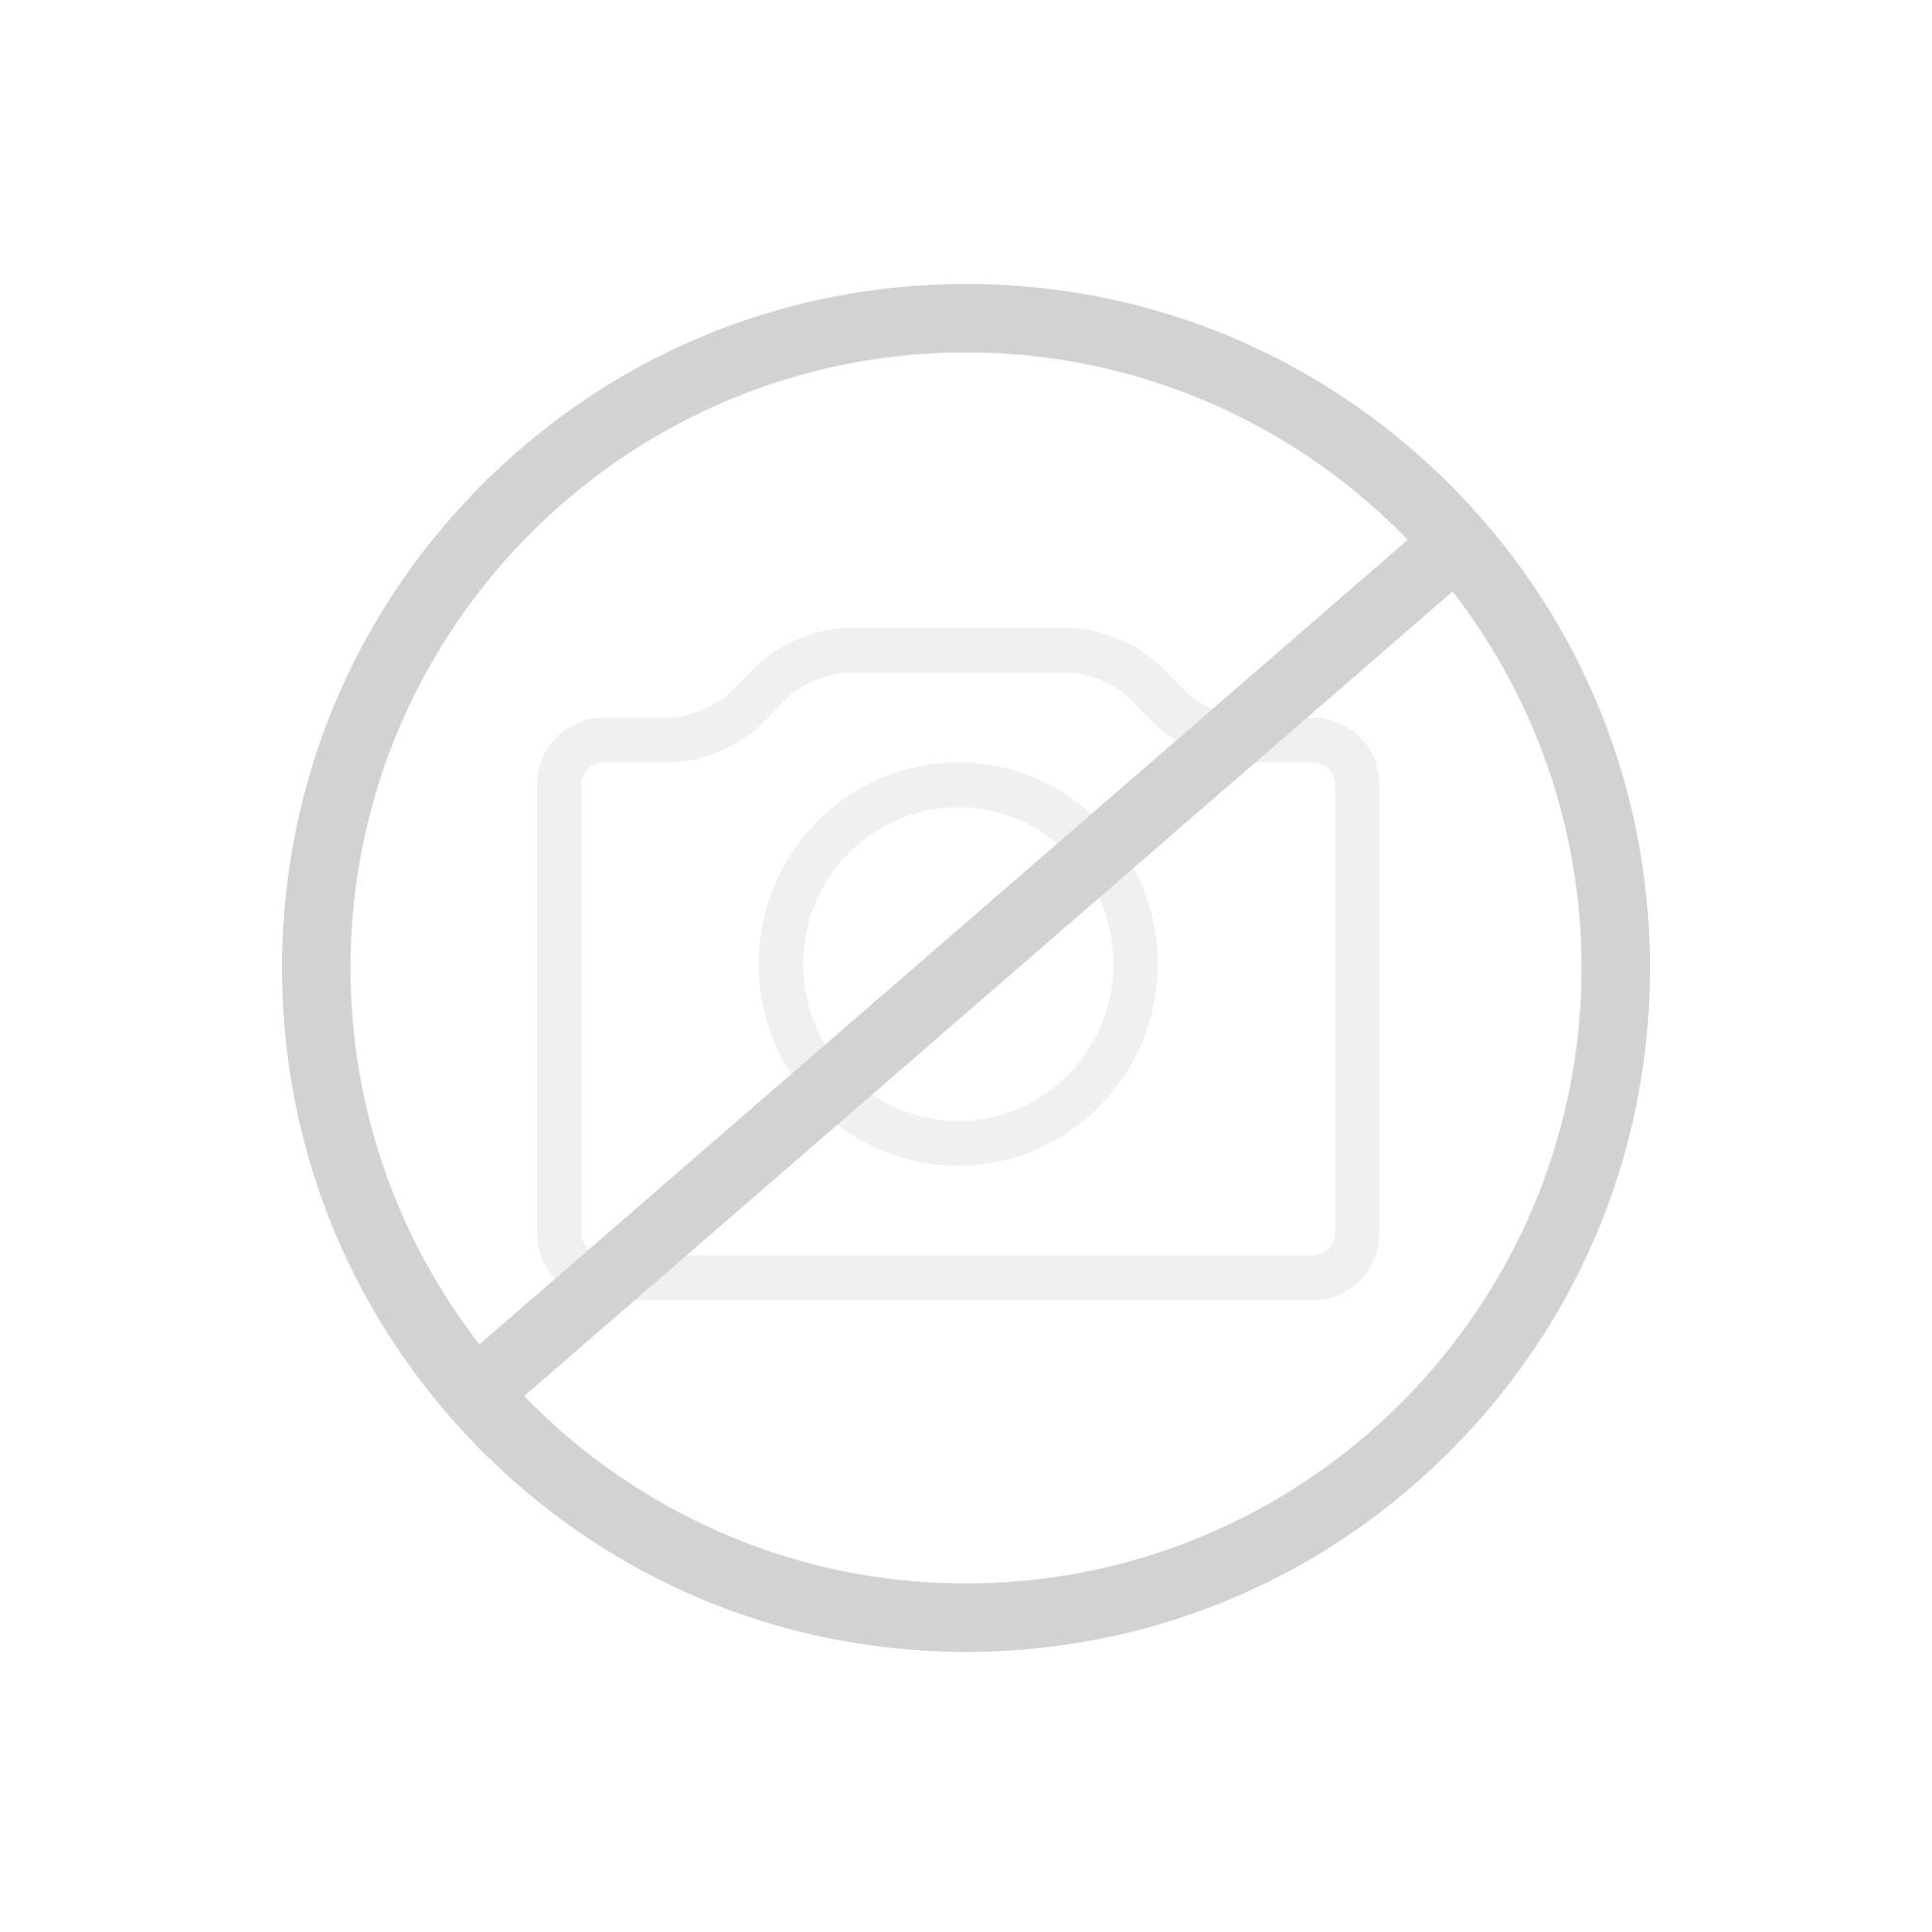 keuco spiegelschrank g nstig kaufen und bestellen im reuter onlineshop. Black Bedroom Furniture Sets. Home Design Ideas